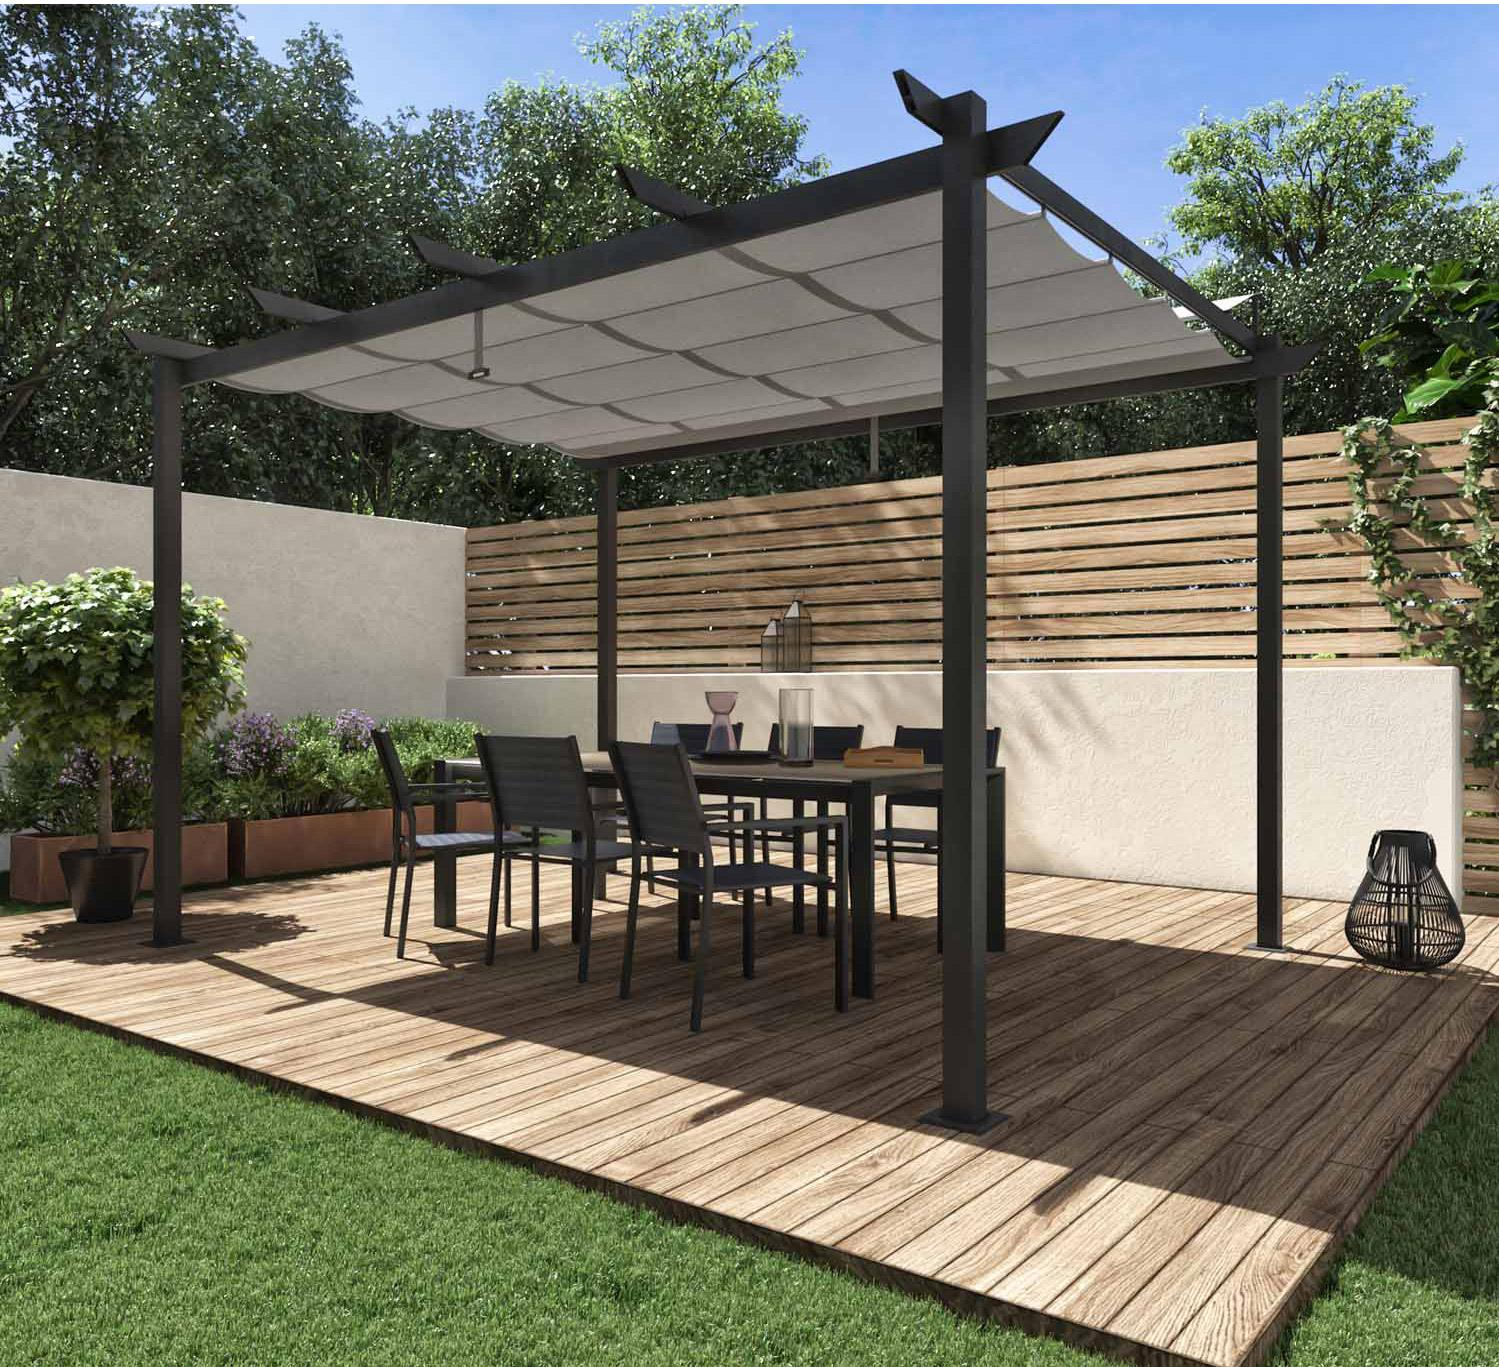 Pergola Bois Et Fer pergola autoportante omega, acier et aluminium gris anthracite, 8.31 m²